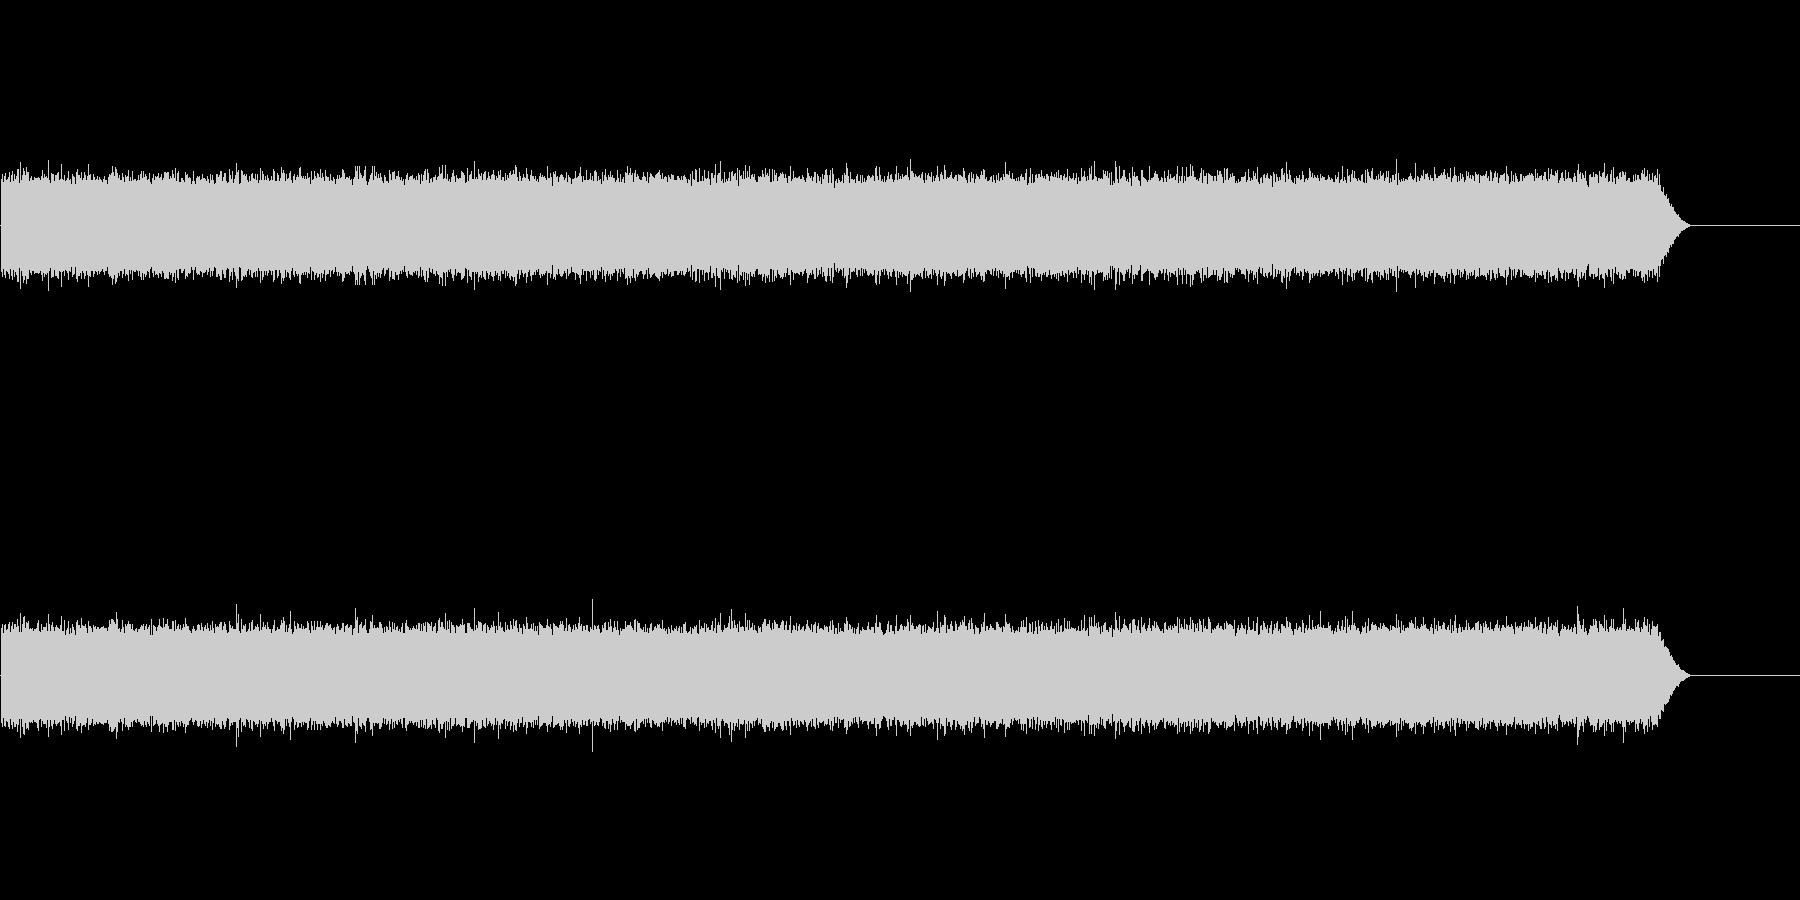 シンセと録音素材で制作した雨の音の未再生の波形